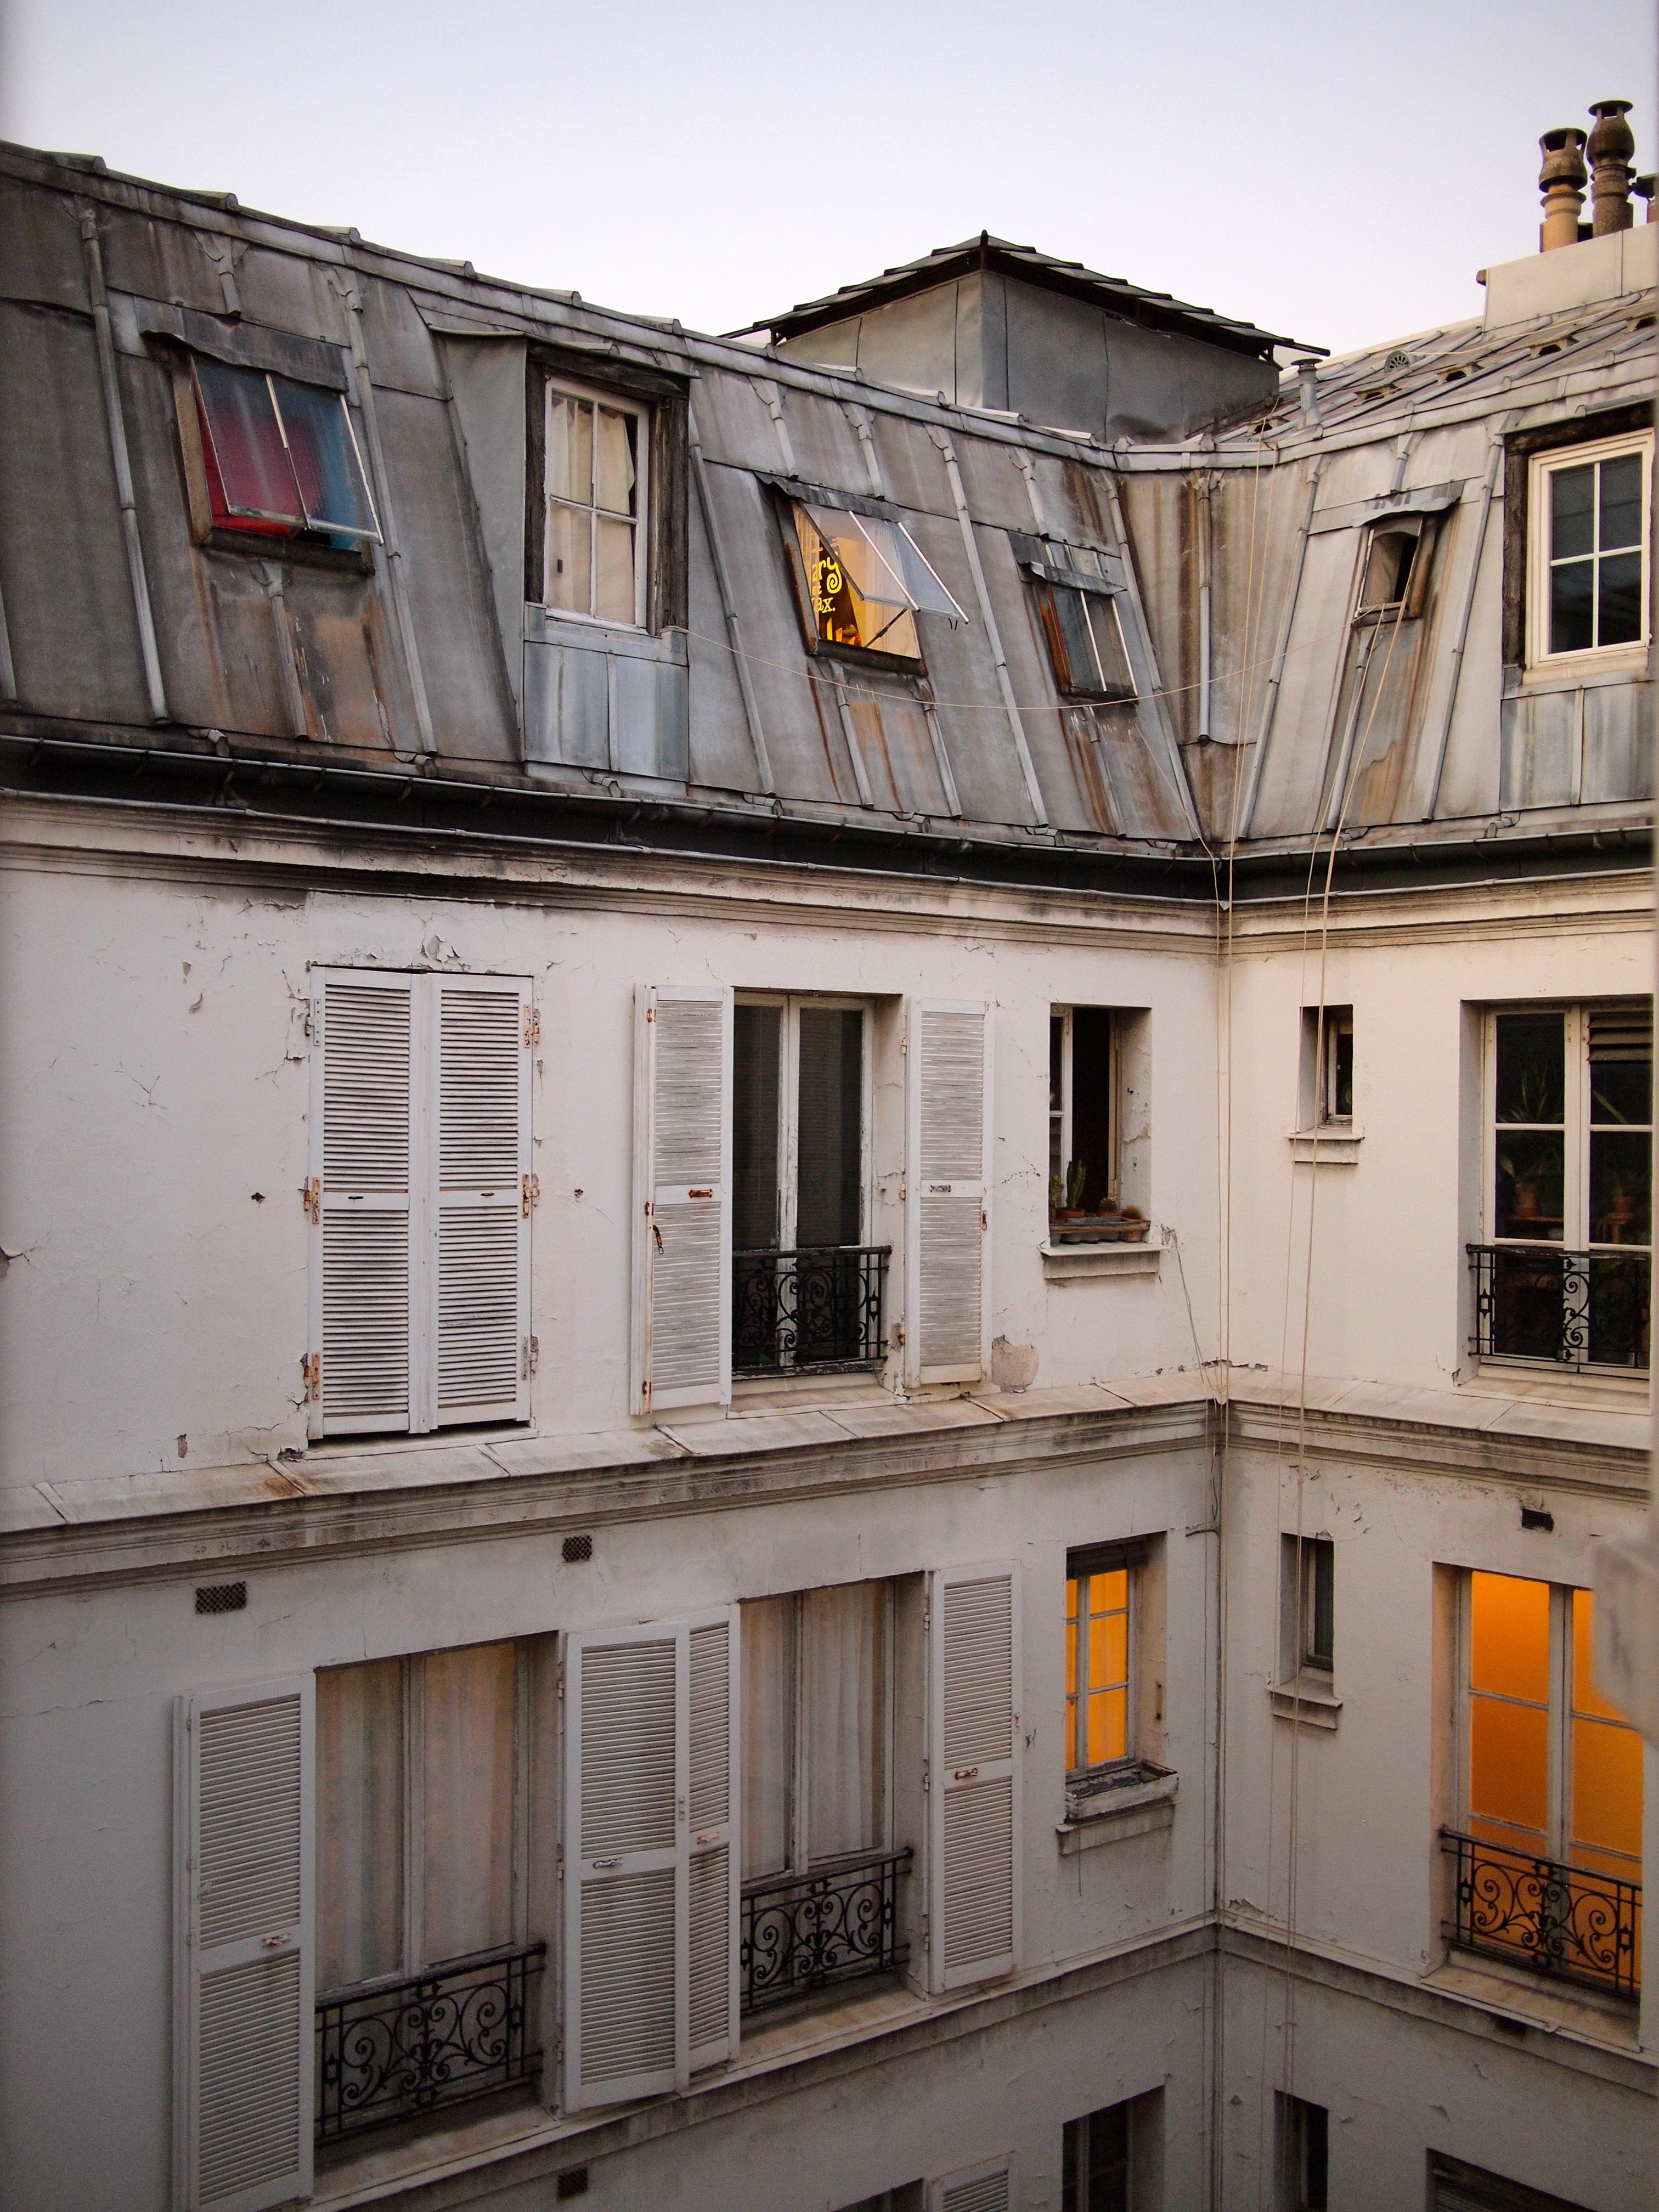 Картинки : архитектура, дорога, улица, дом, окно, здание, ст.